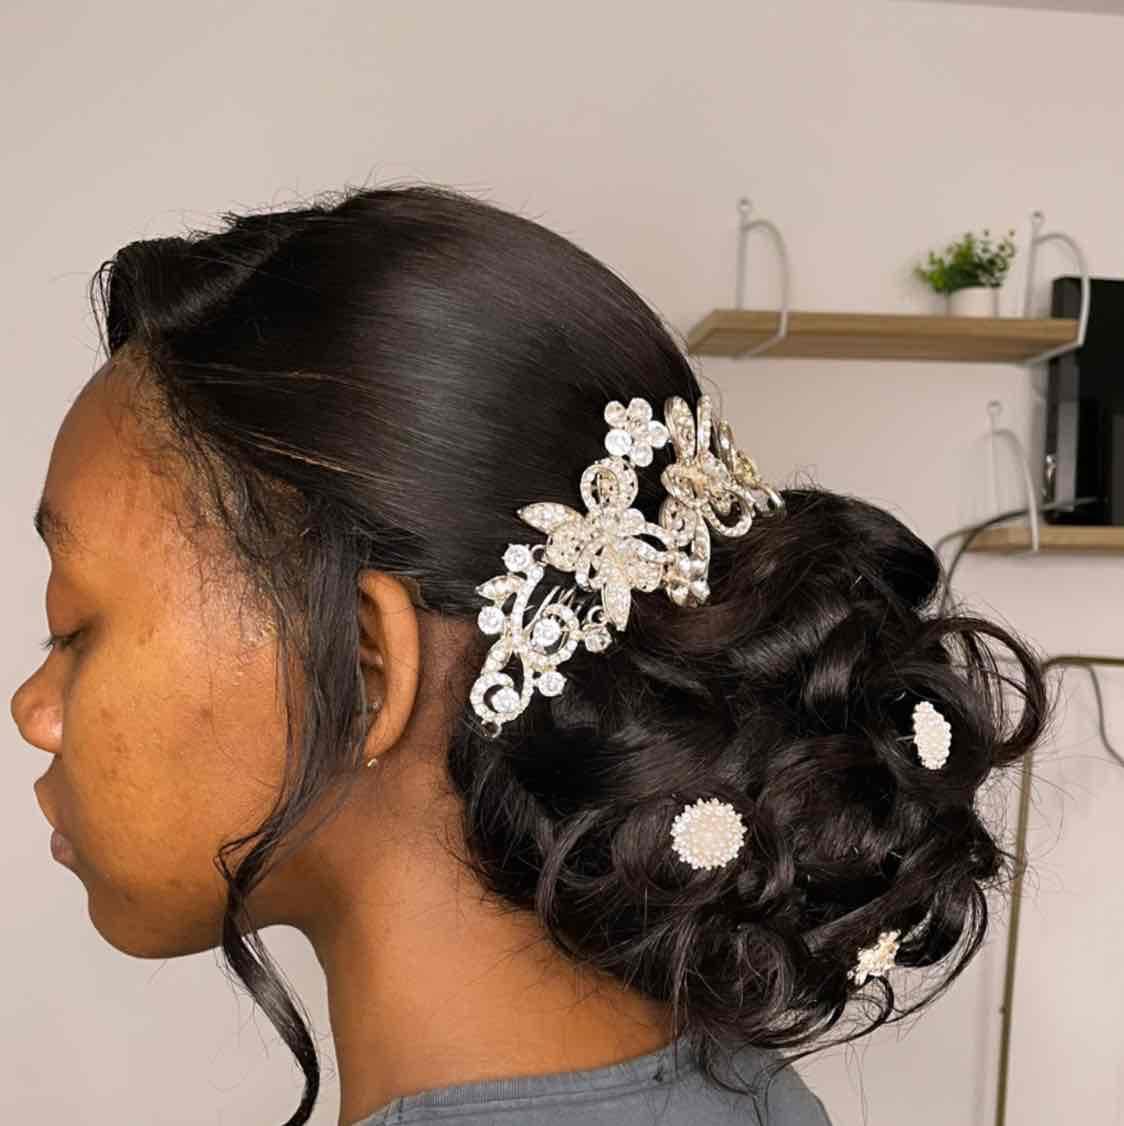 salon de coiffure afro tresse tresses box braids crochet braids vanilles tissages paris 75 77 78 91 92 93 94 95 PBPZSTYC